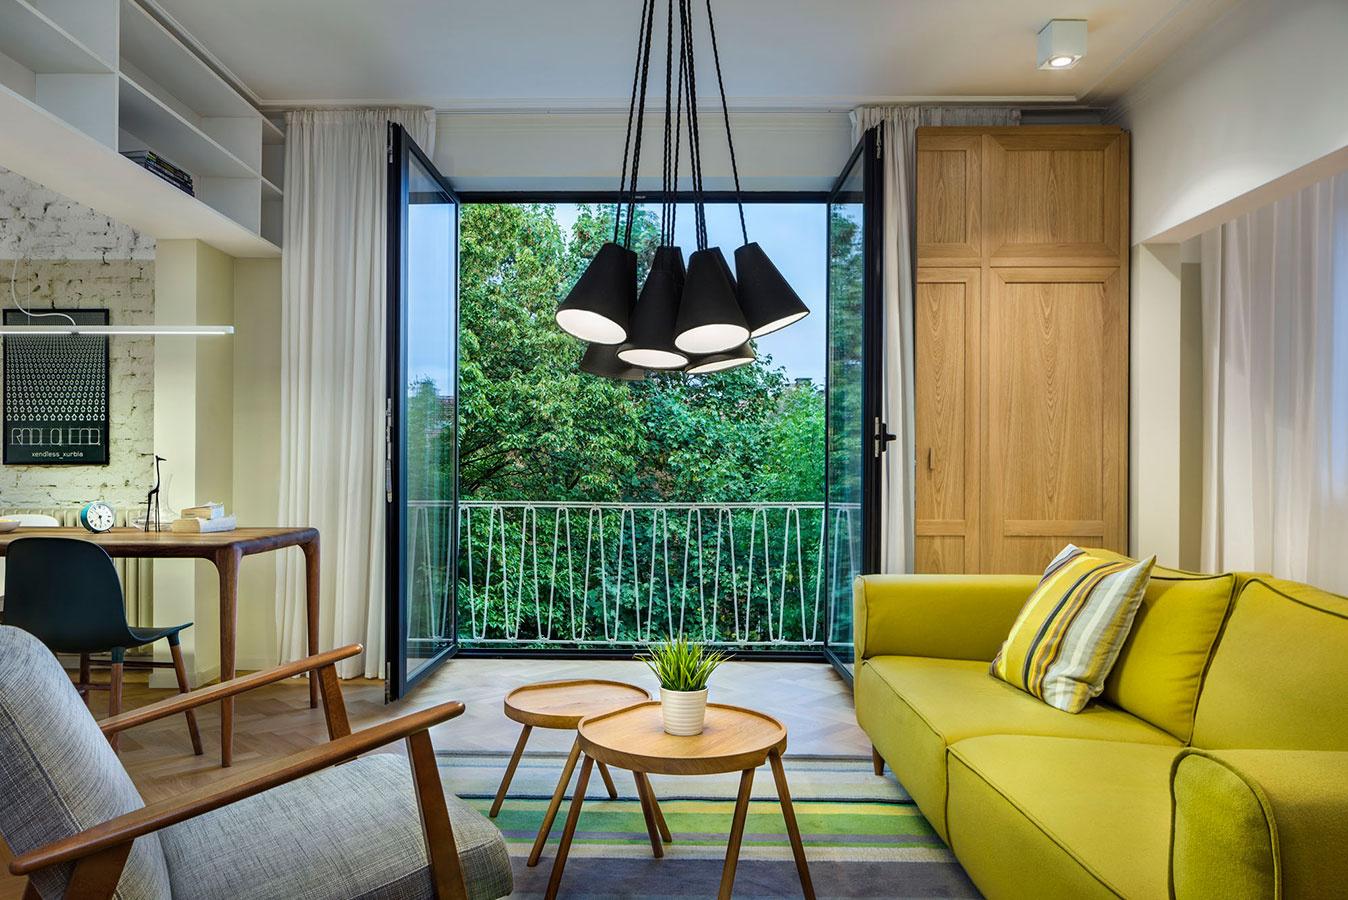 V starom podkrovnom priestore vytvorili byt plný zaujímavých interiérových riešení